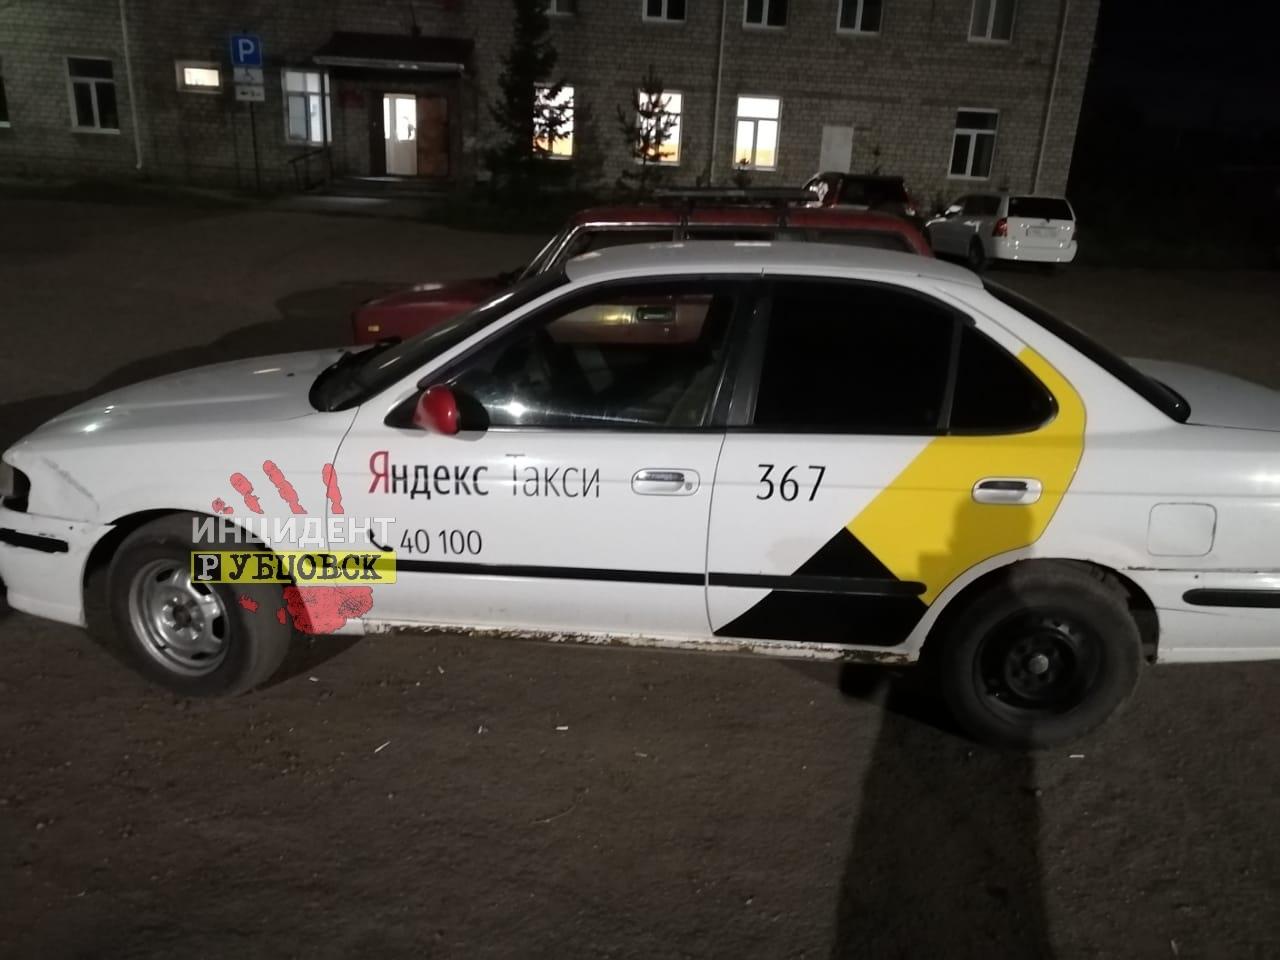 В Рубцовске на пешеходном переходе сбили маленького ребенка